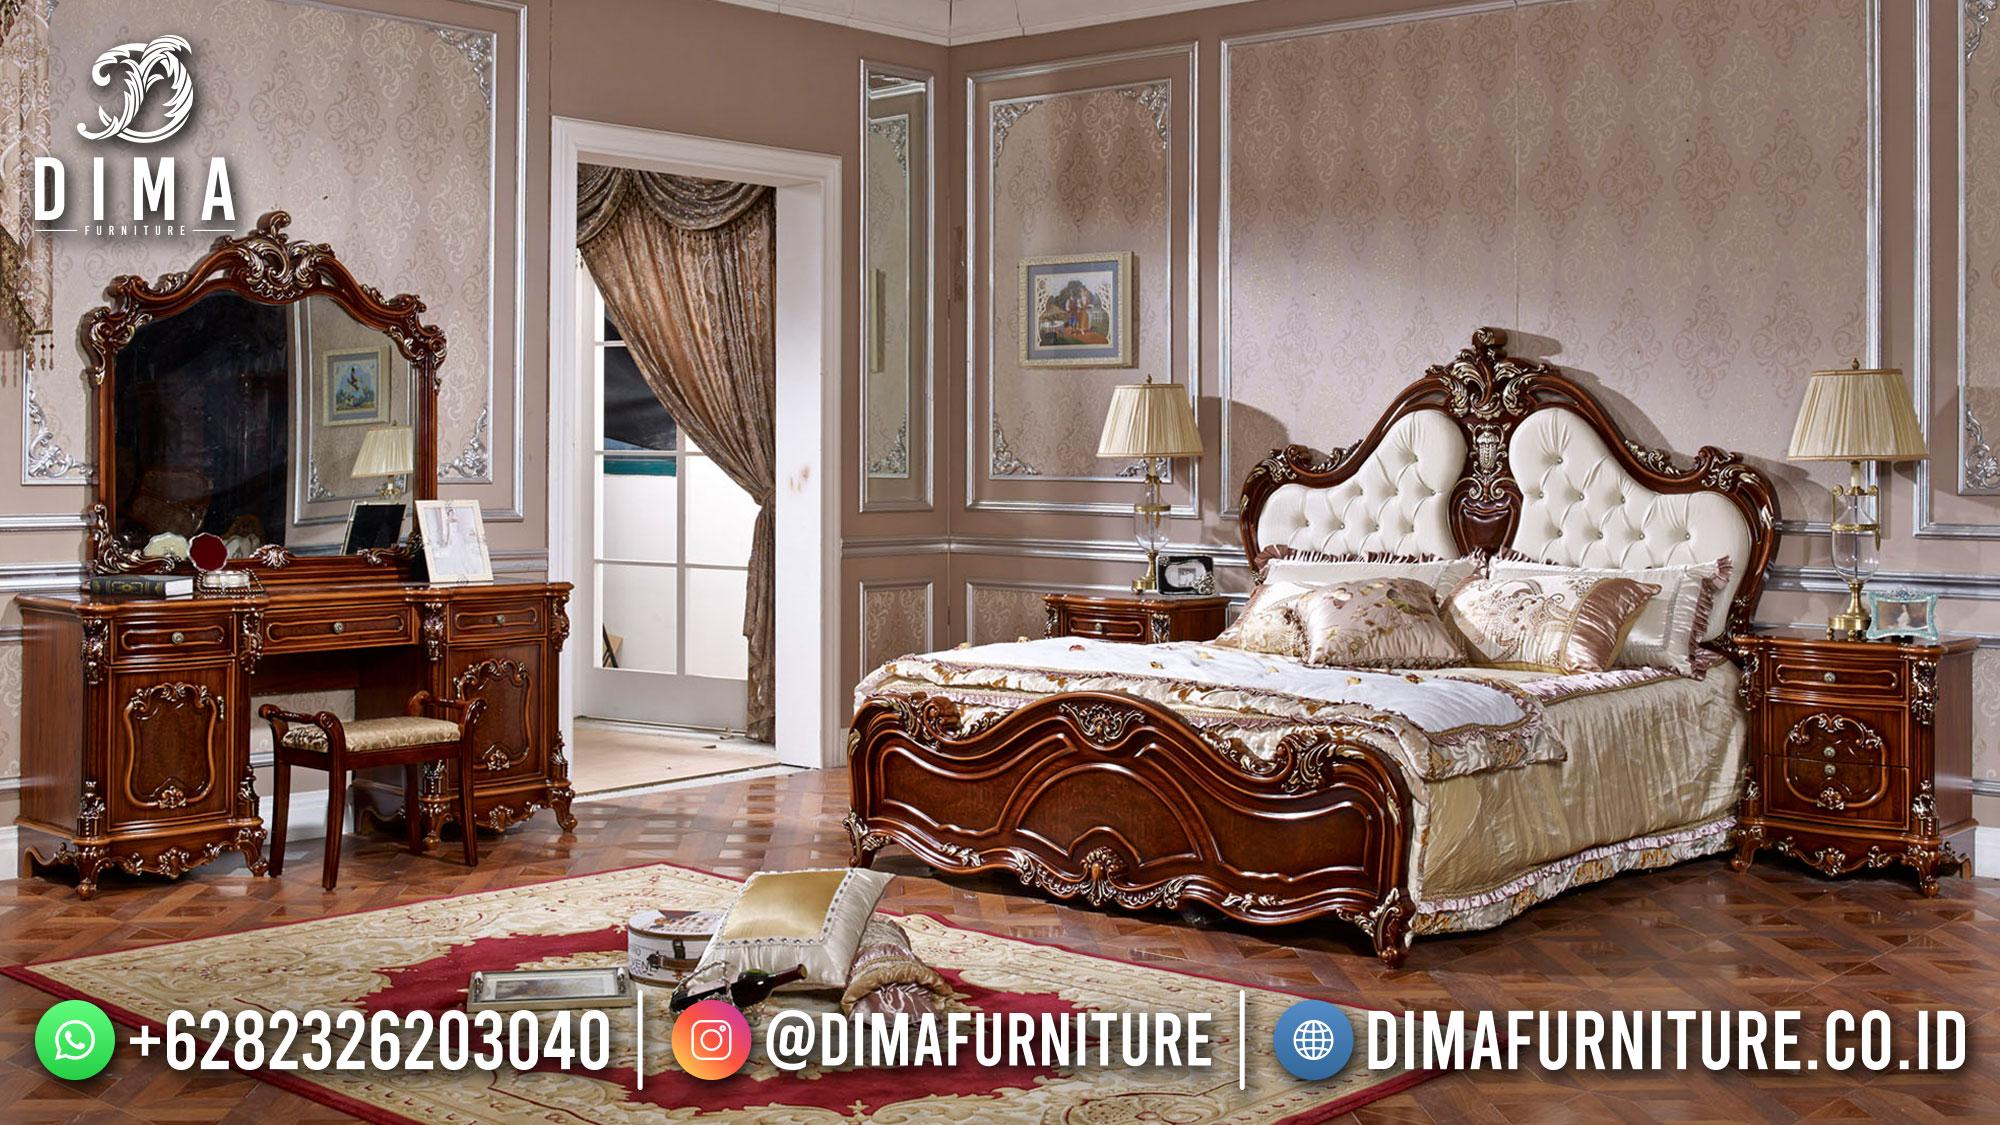 Furniture Jepara Tempat Tidur Mewah Natural Jati Luxury Classic ST-1411